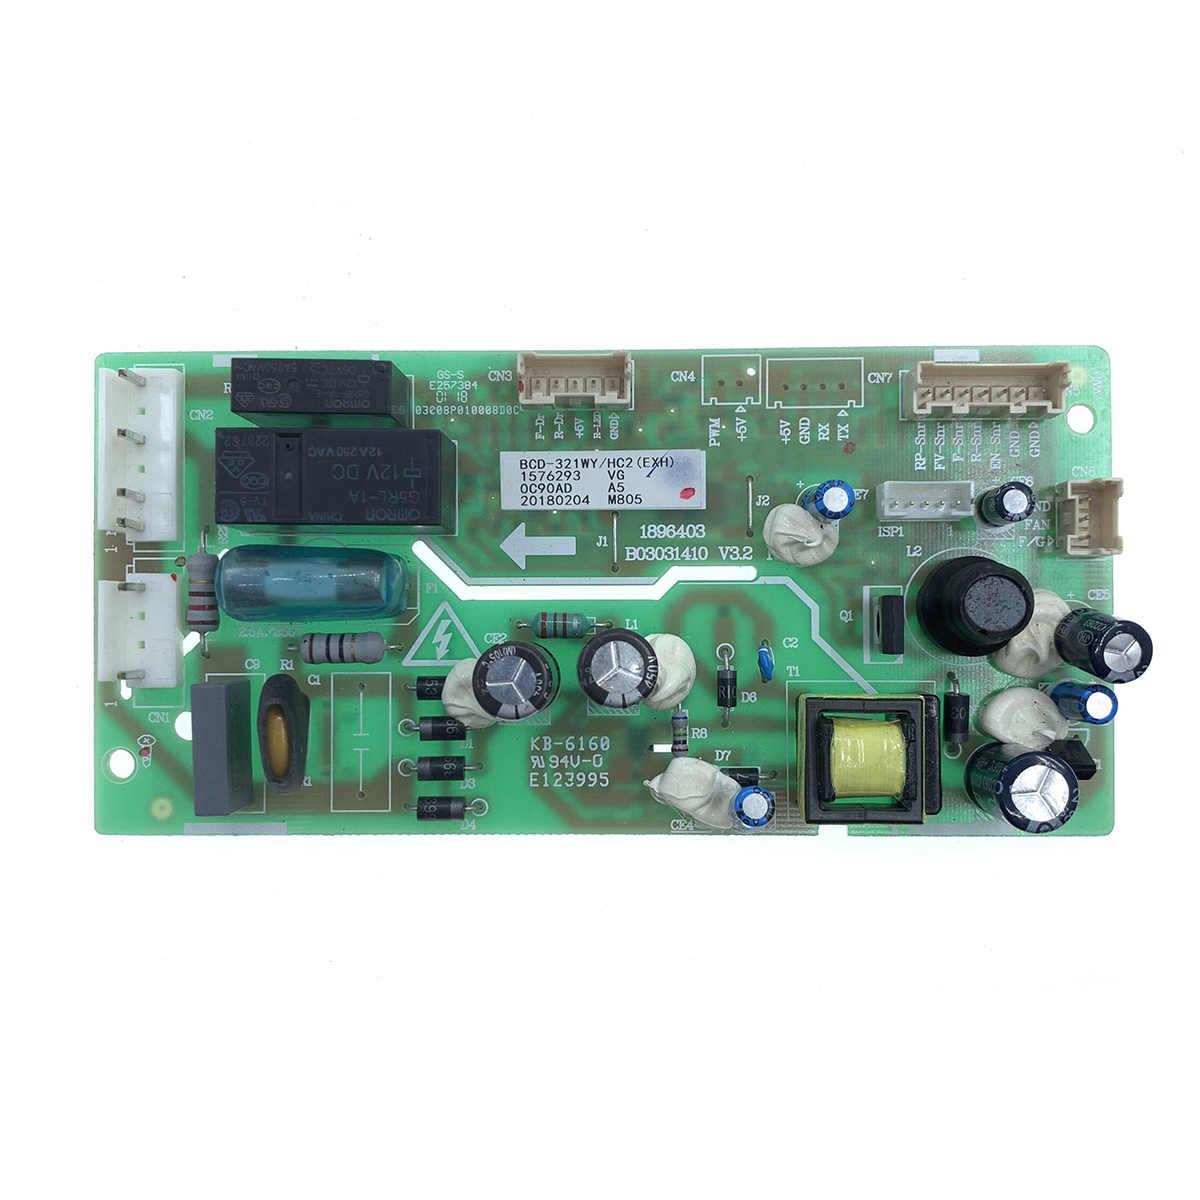 Nombre:  K1576293-BCD-321WY-HC2-EXH-Hisense-tablero-de-Control-de-potencia-PCB-principal-para-refrigerado.jpg Visitas: 509 Tamaño: 102.5 KB